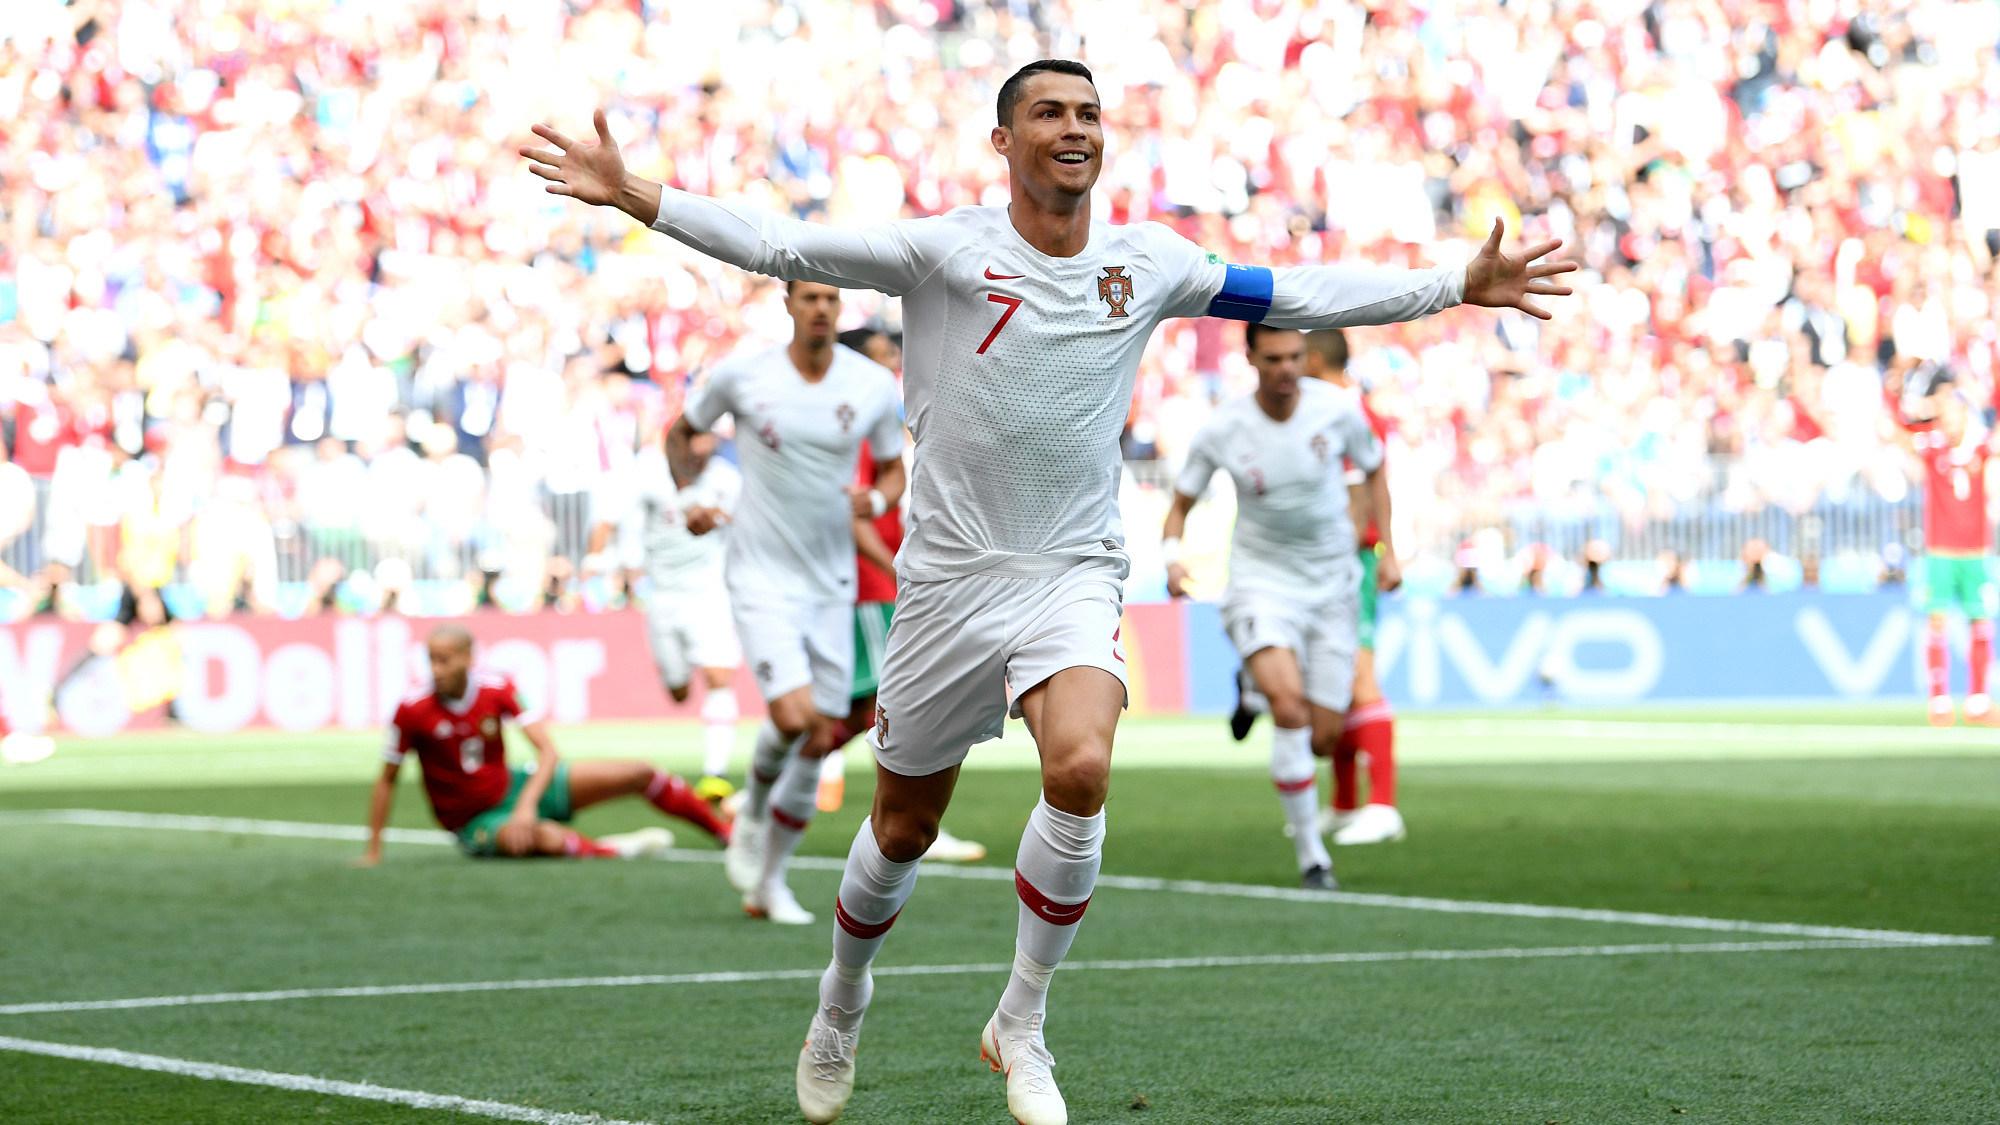 世界杯B组:葡萄牙1-0摩洛哥